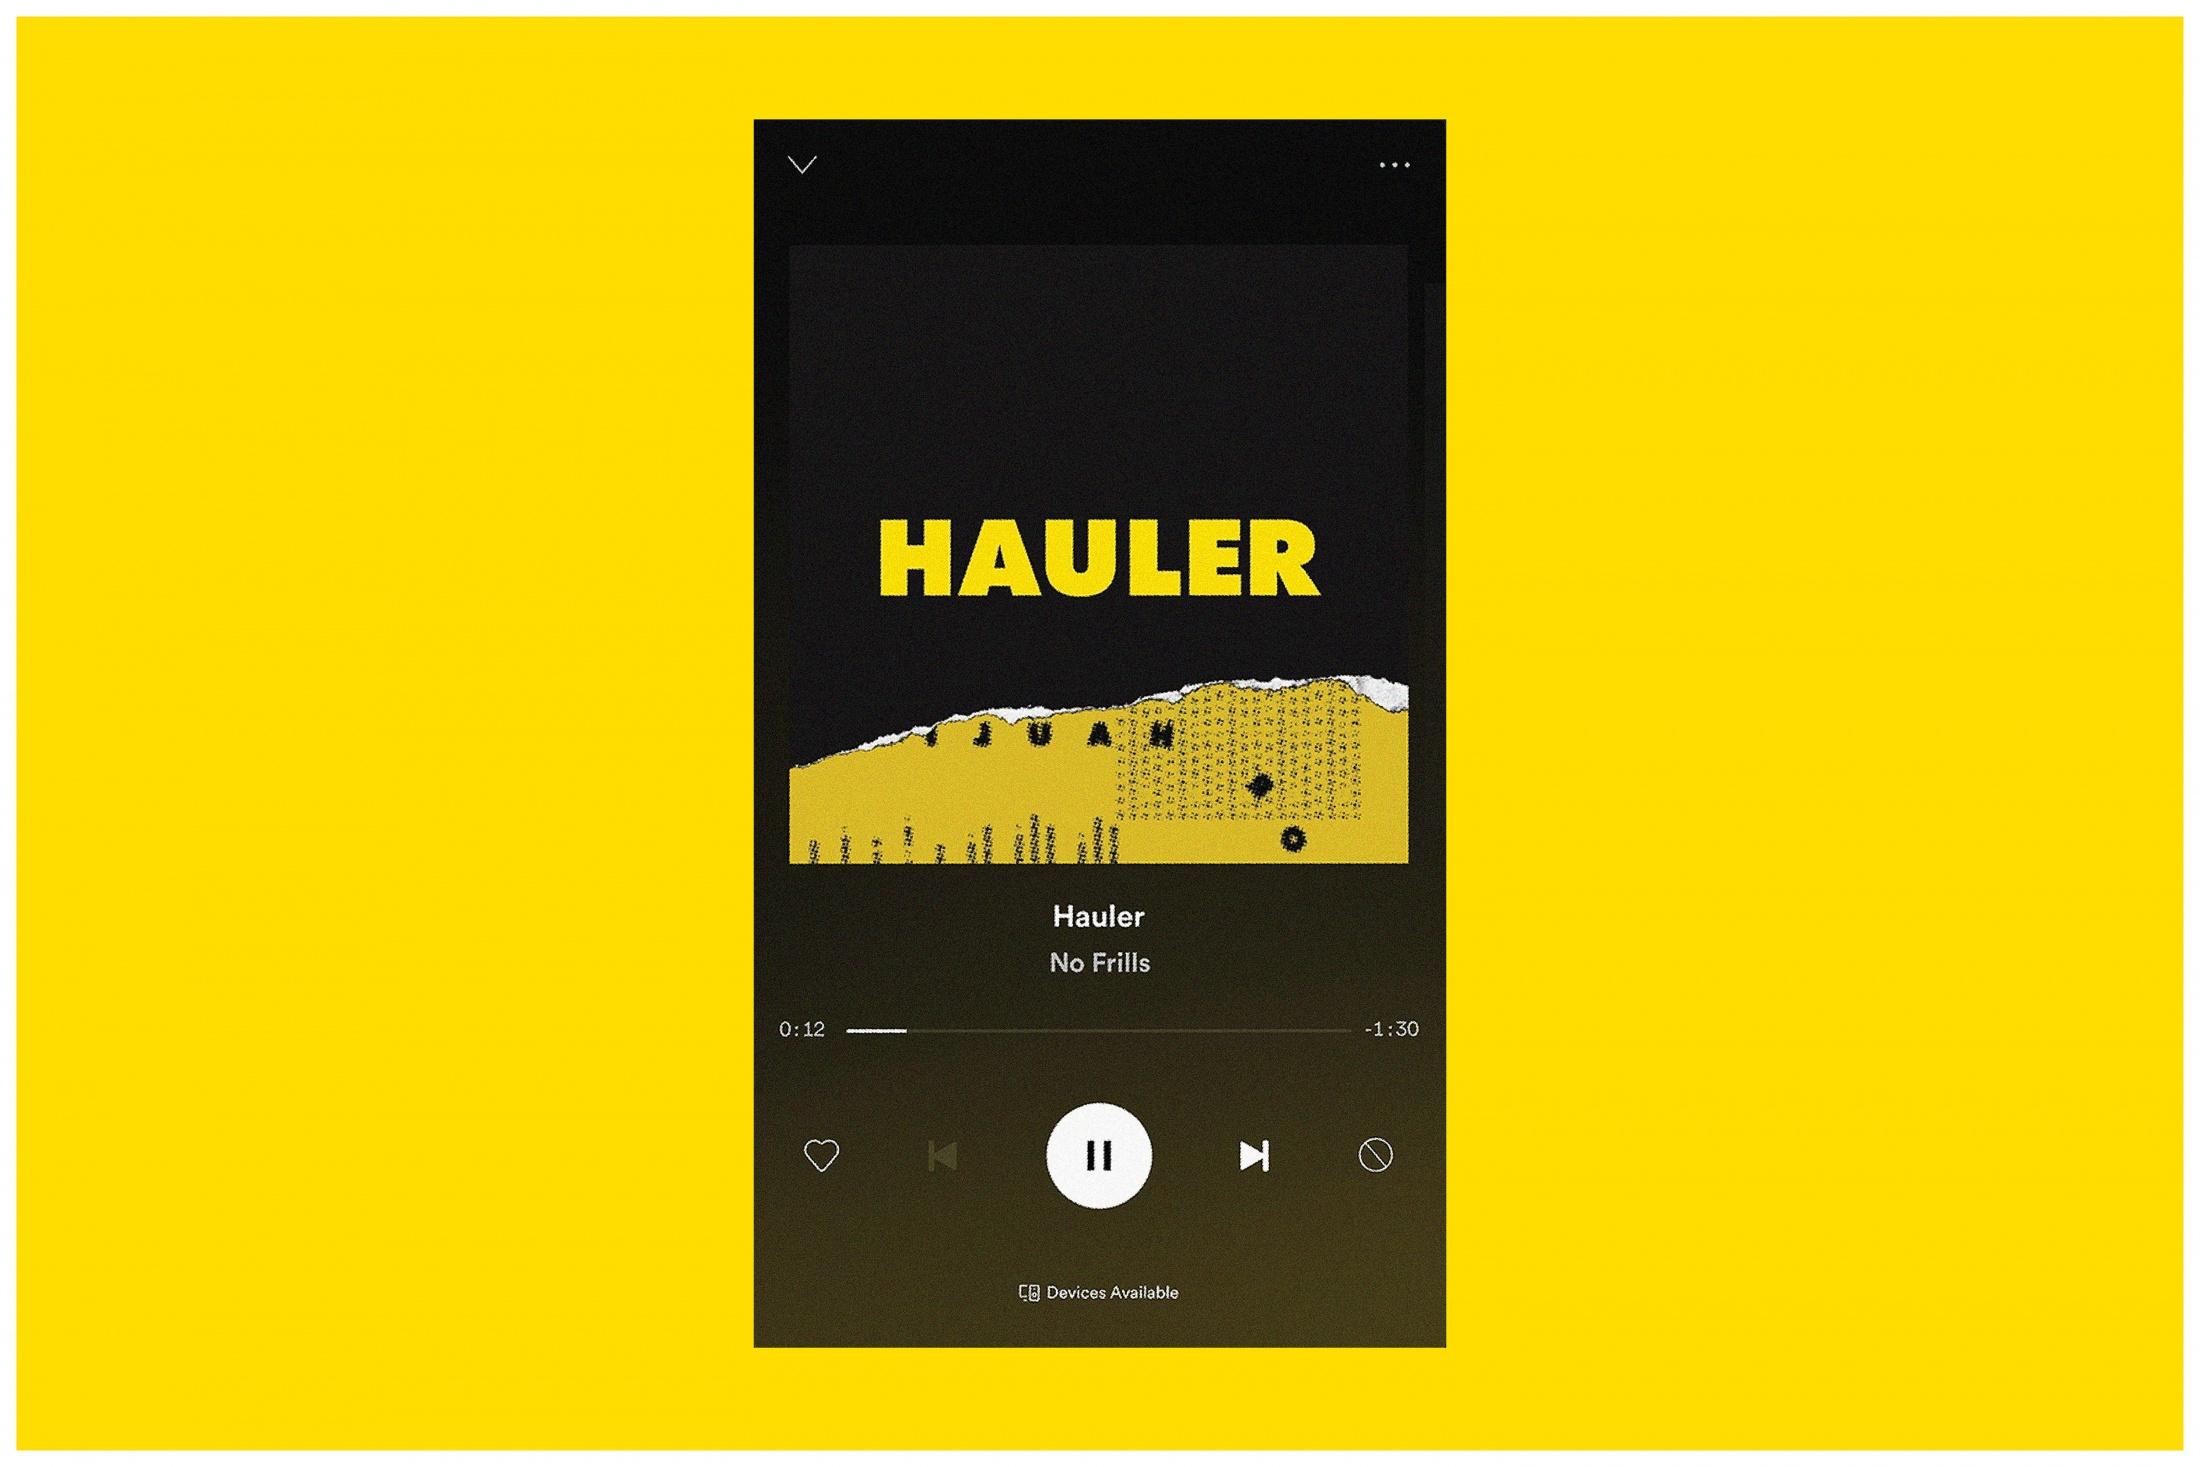 Thumbnail for #Hauler